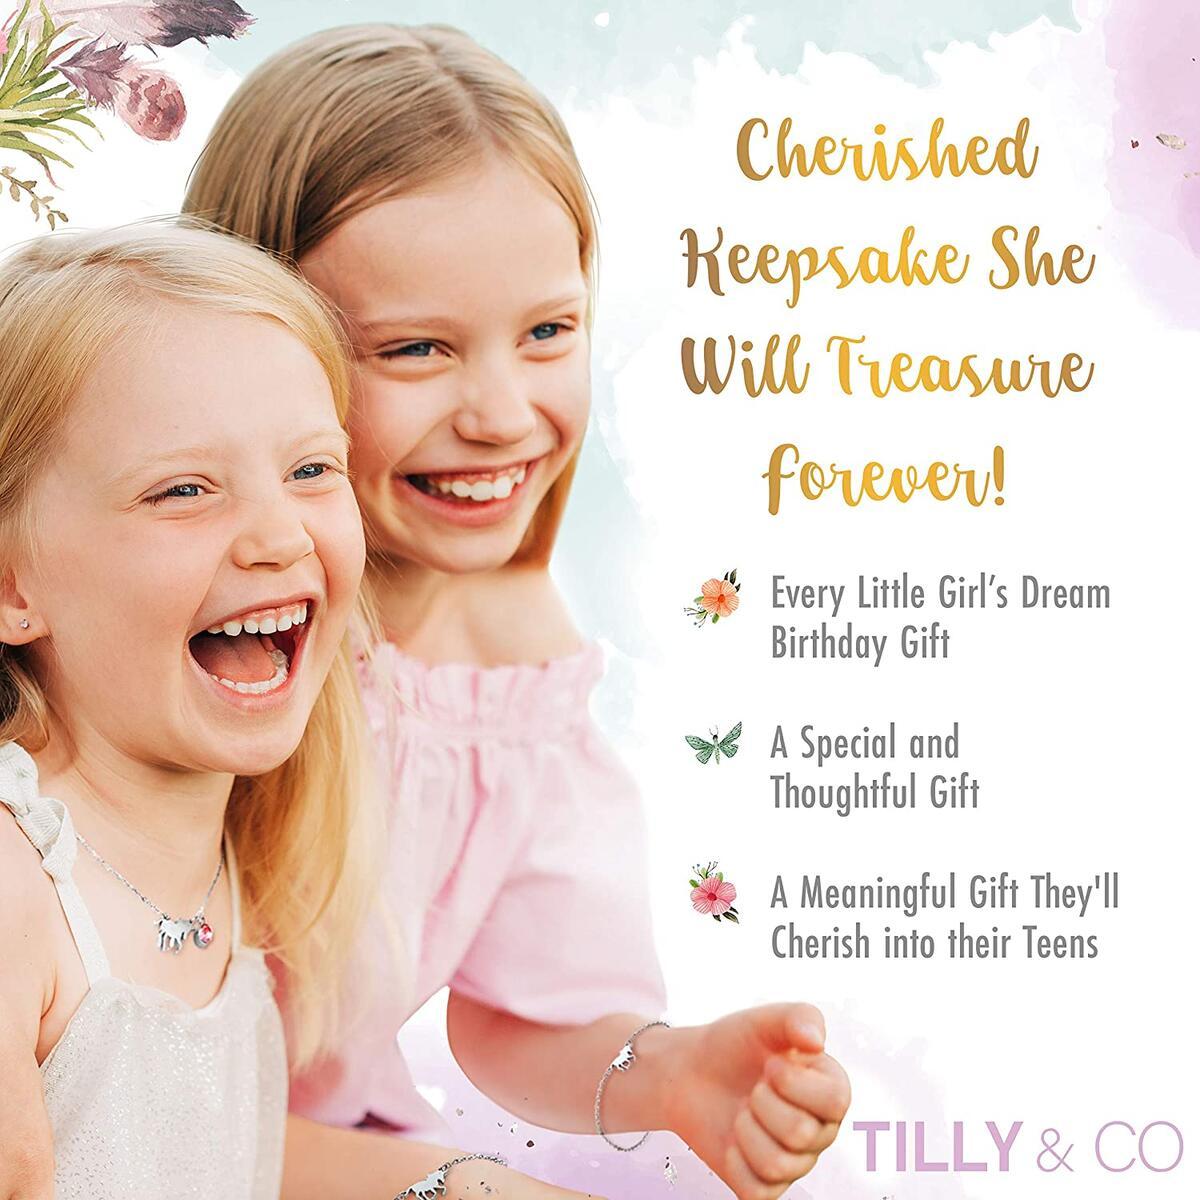 Unicorn Jewelry Box for Girls and matching Jewelry Set PLUS Bonus Artwork